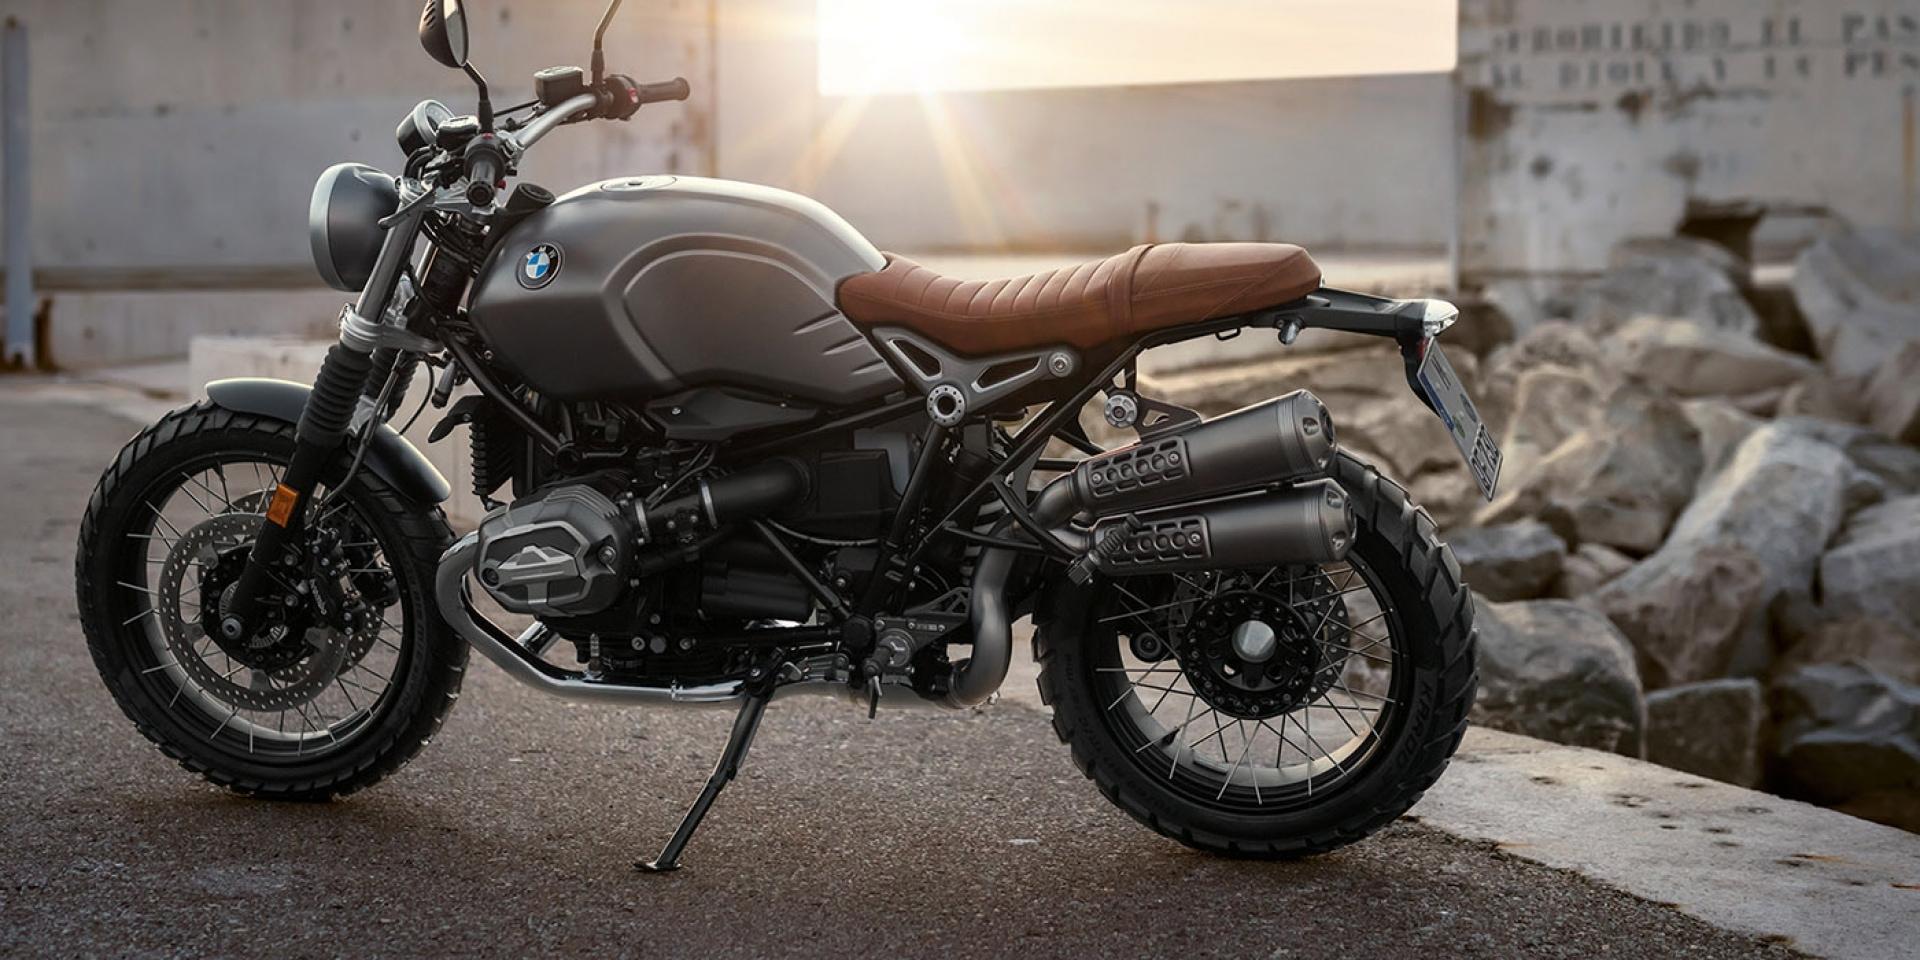 復古時代終結或拓展新潮流,BMW宣布R nineT開發中止